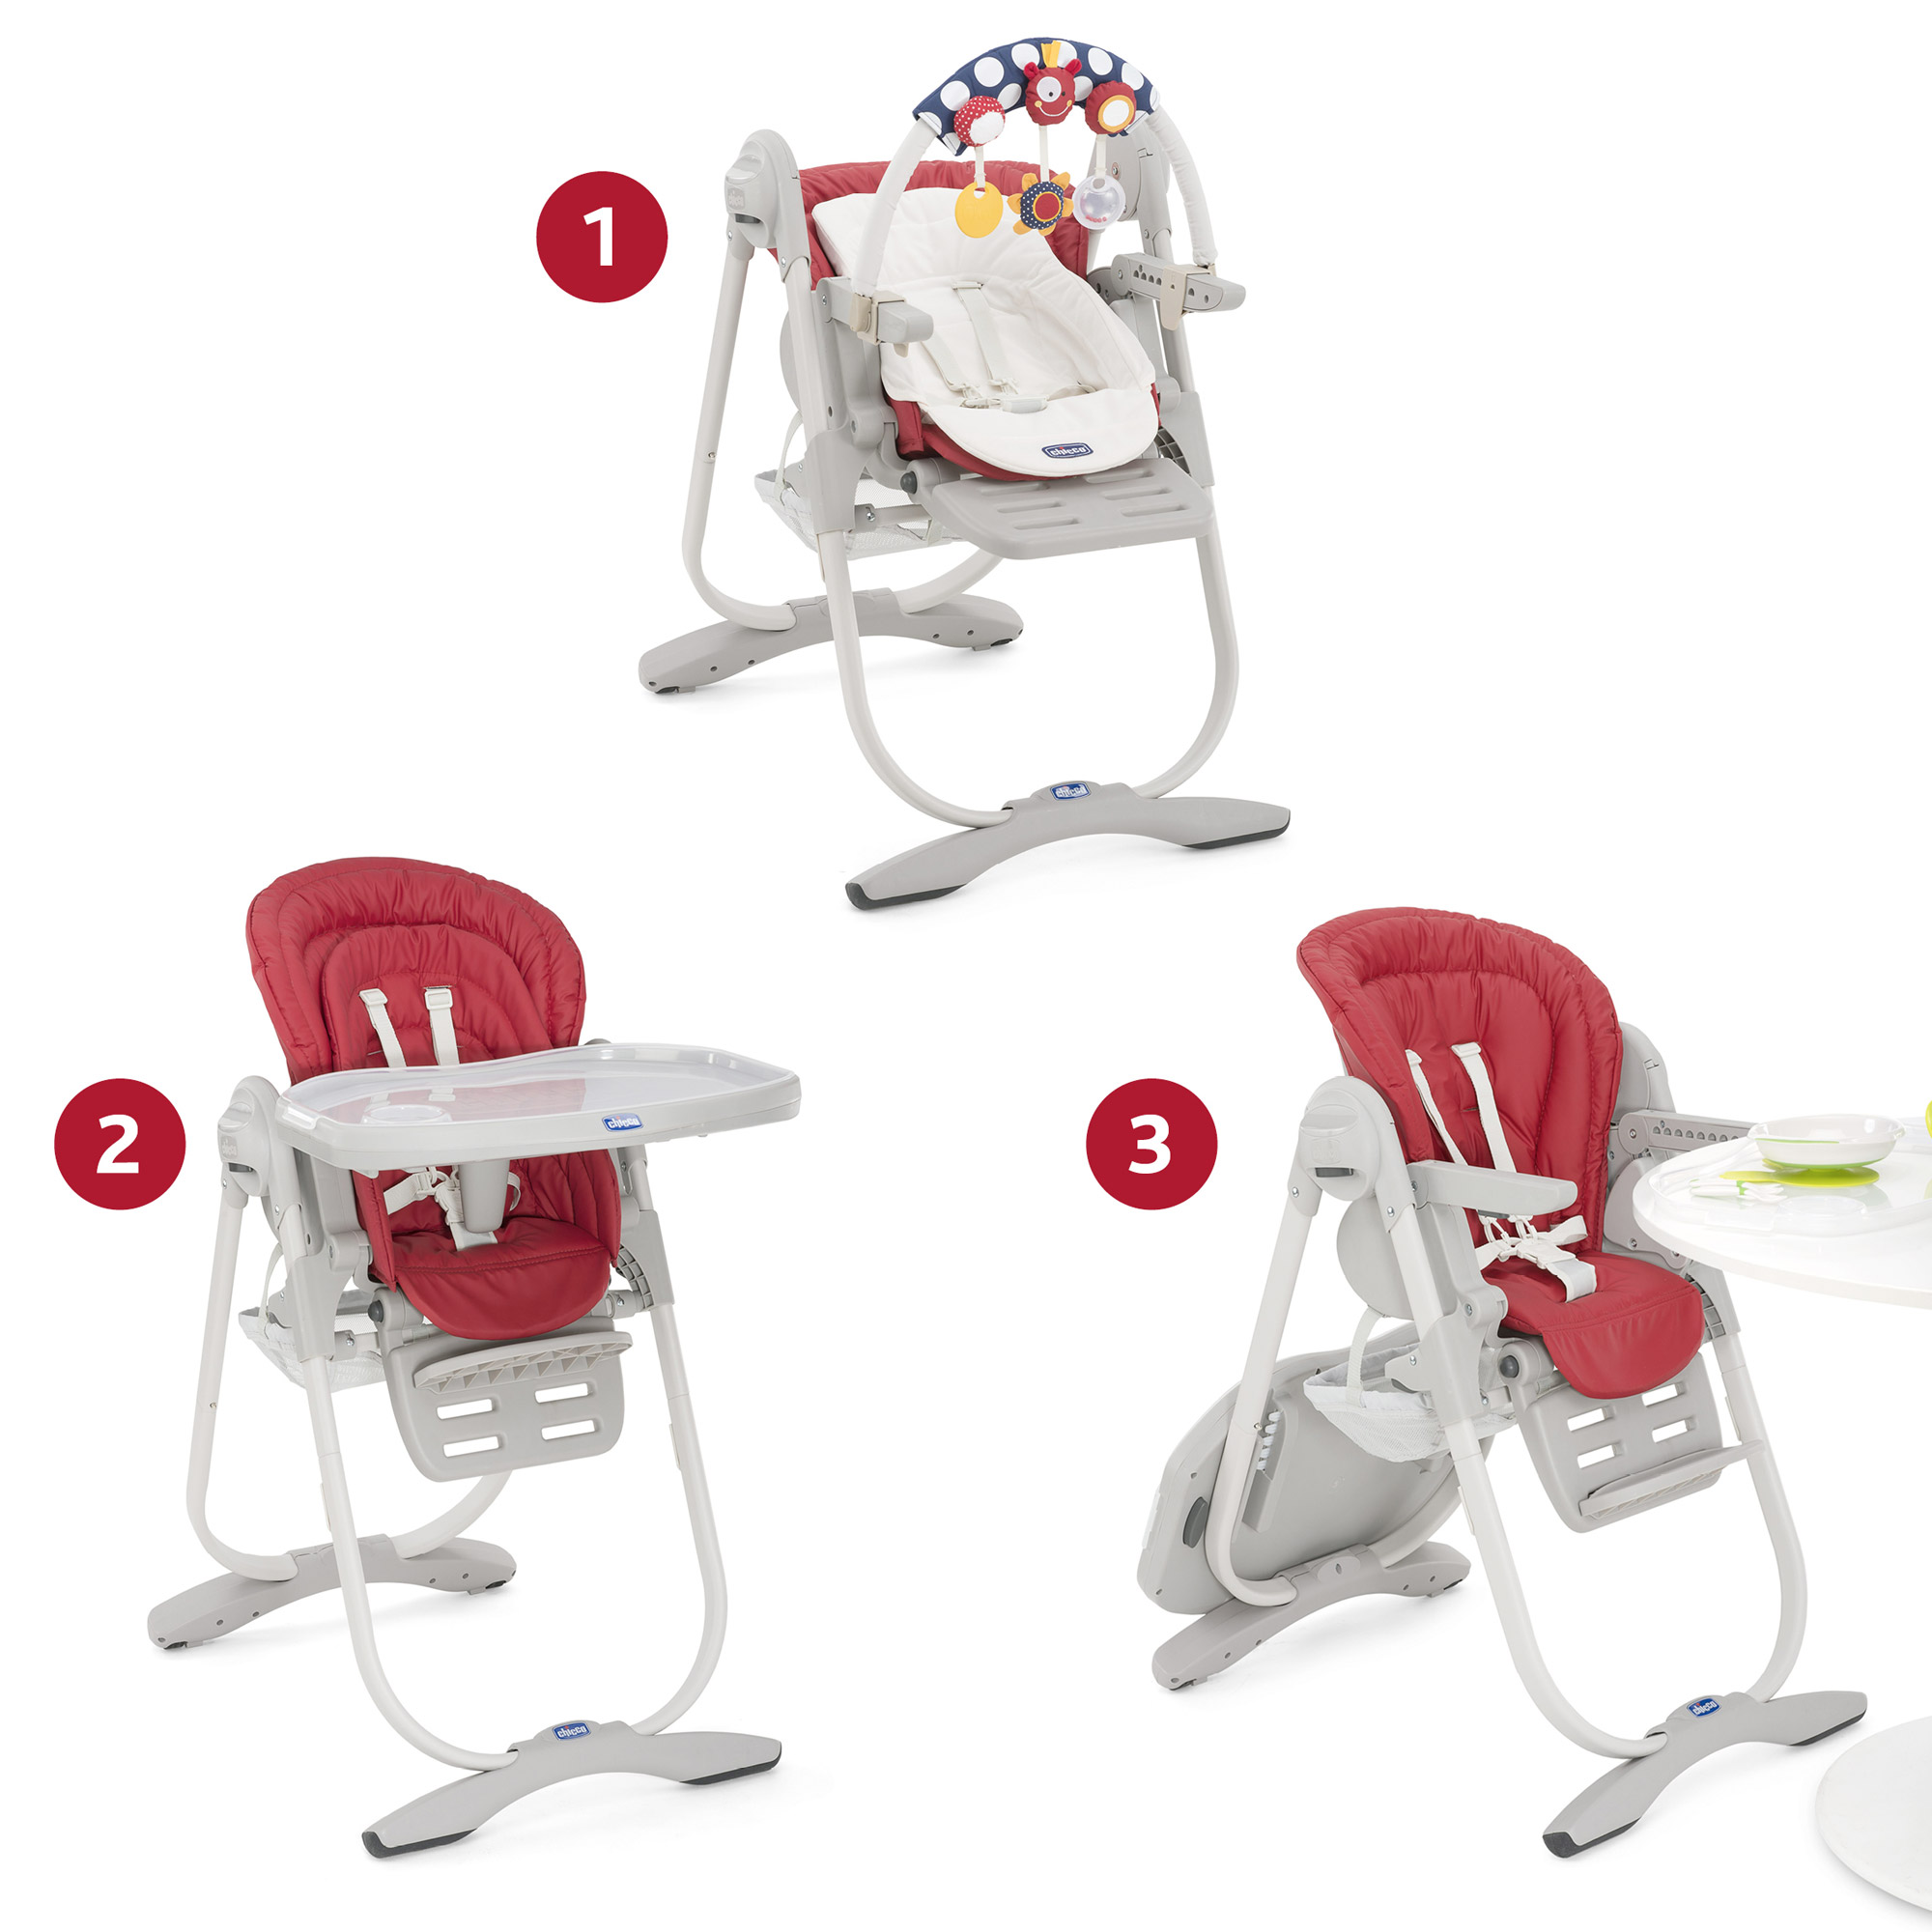 Chicco chaise haute polly magic 2016 comparer avec - Prix chaise haute chicco ...